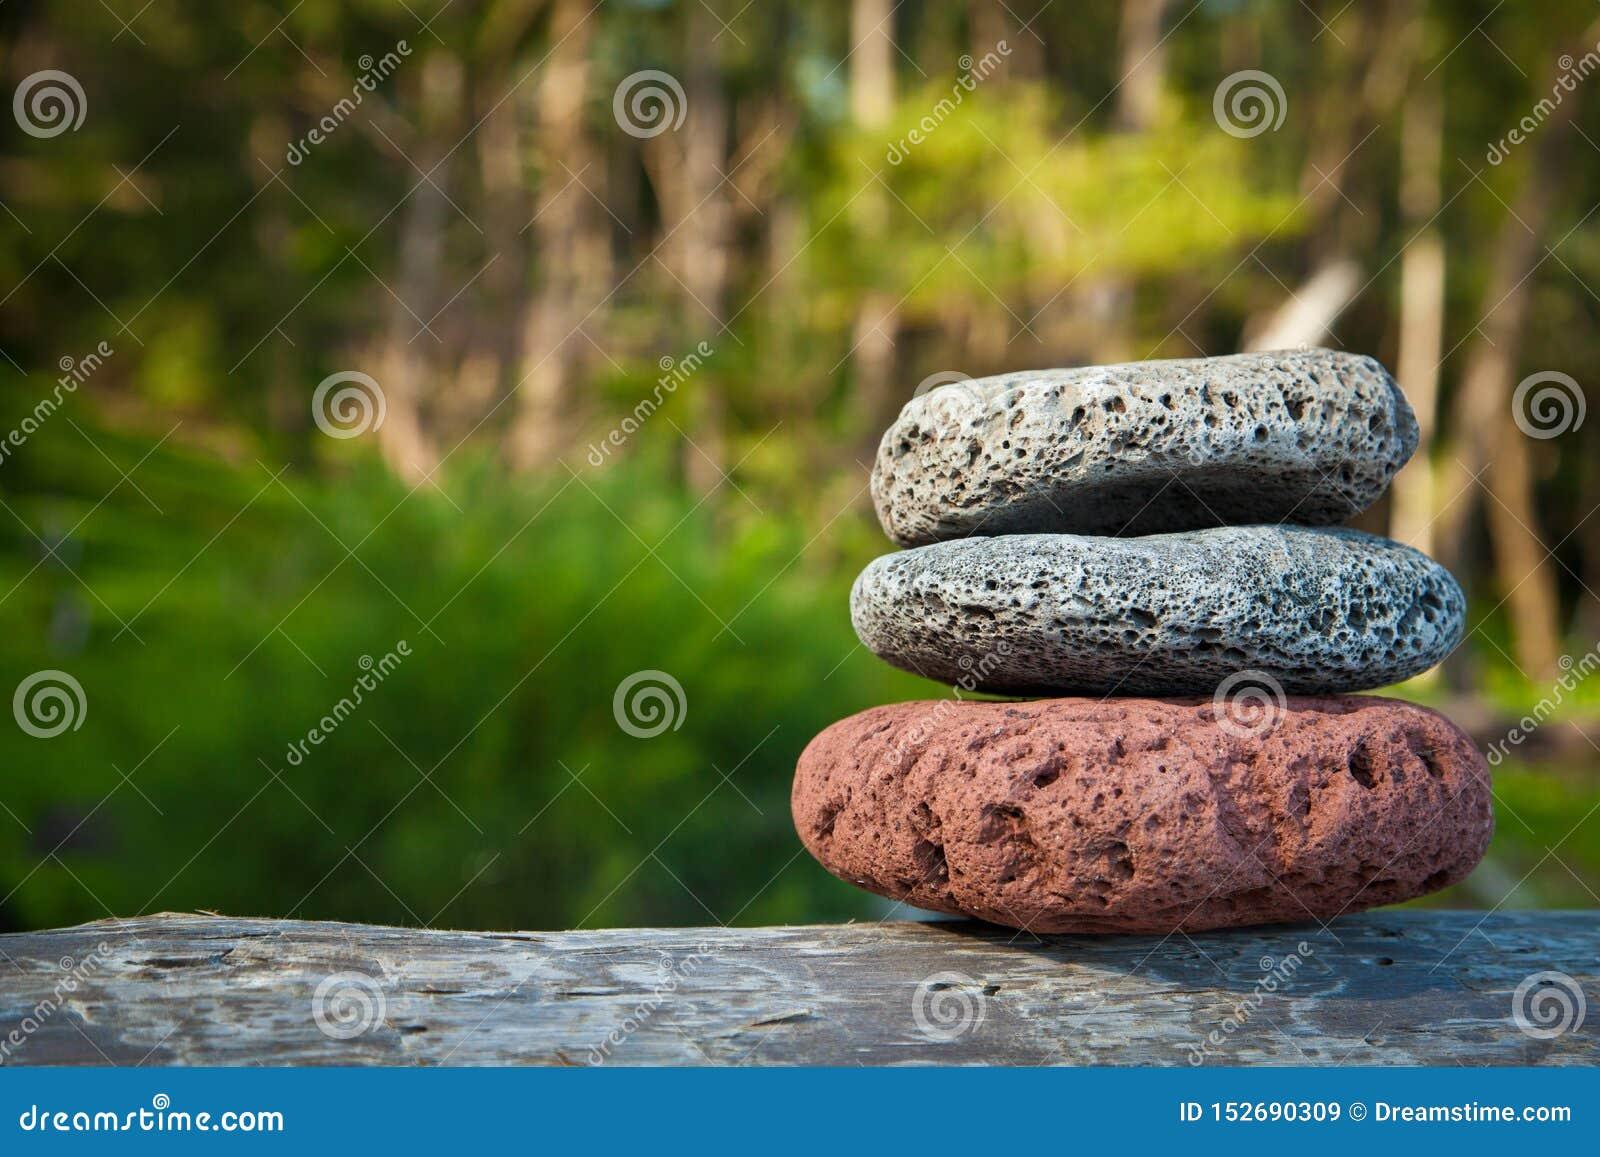 Ισορροπημένοι πέτρες βράχοι περισυλλογής στη φύση